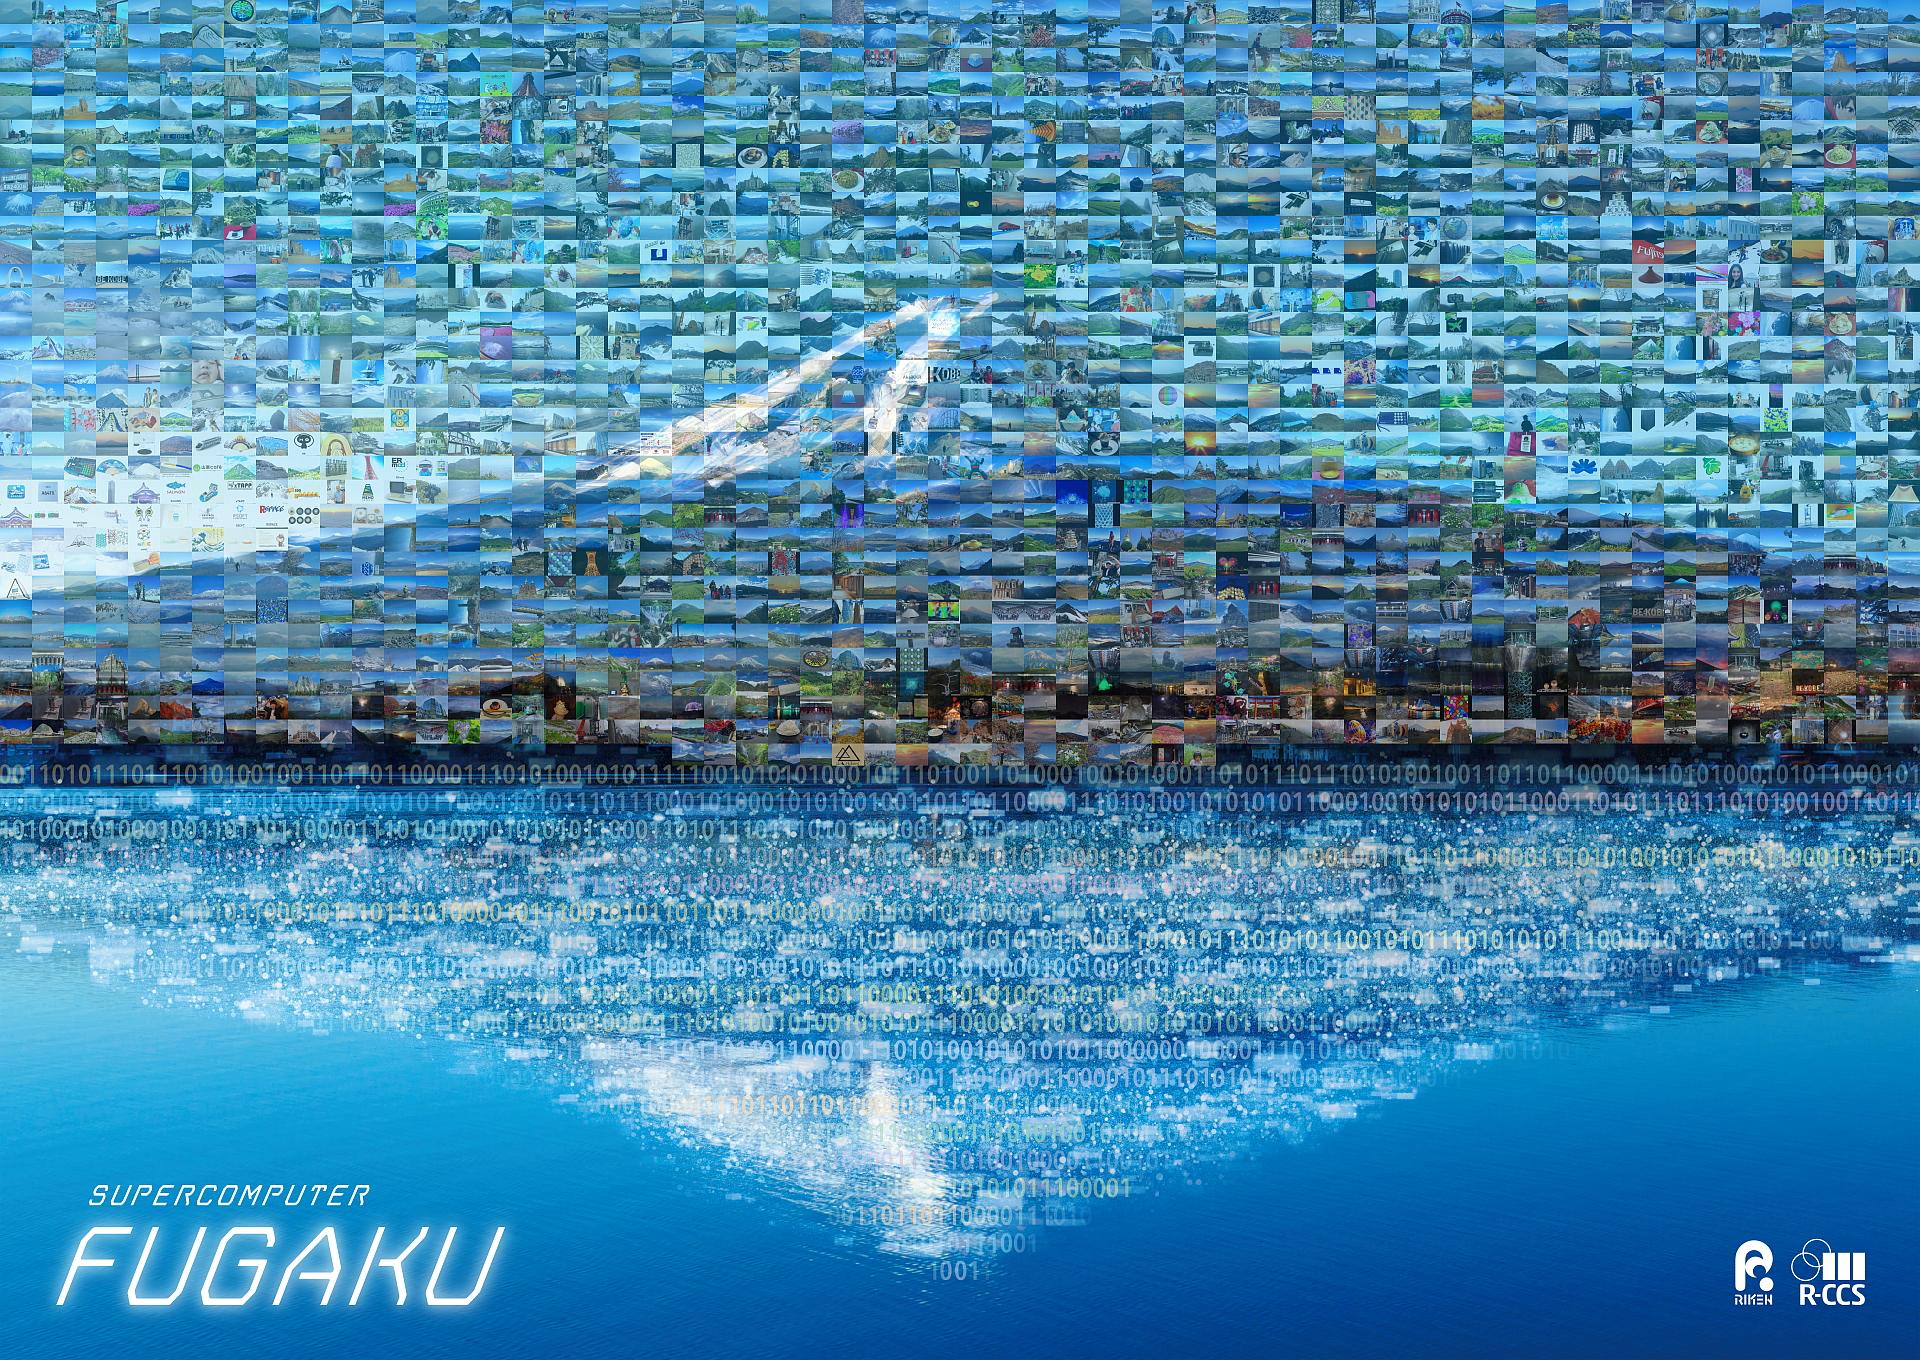 スーパーコンピュータ『富岳』のポスターが完成しました